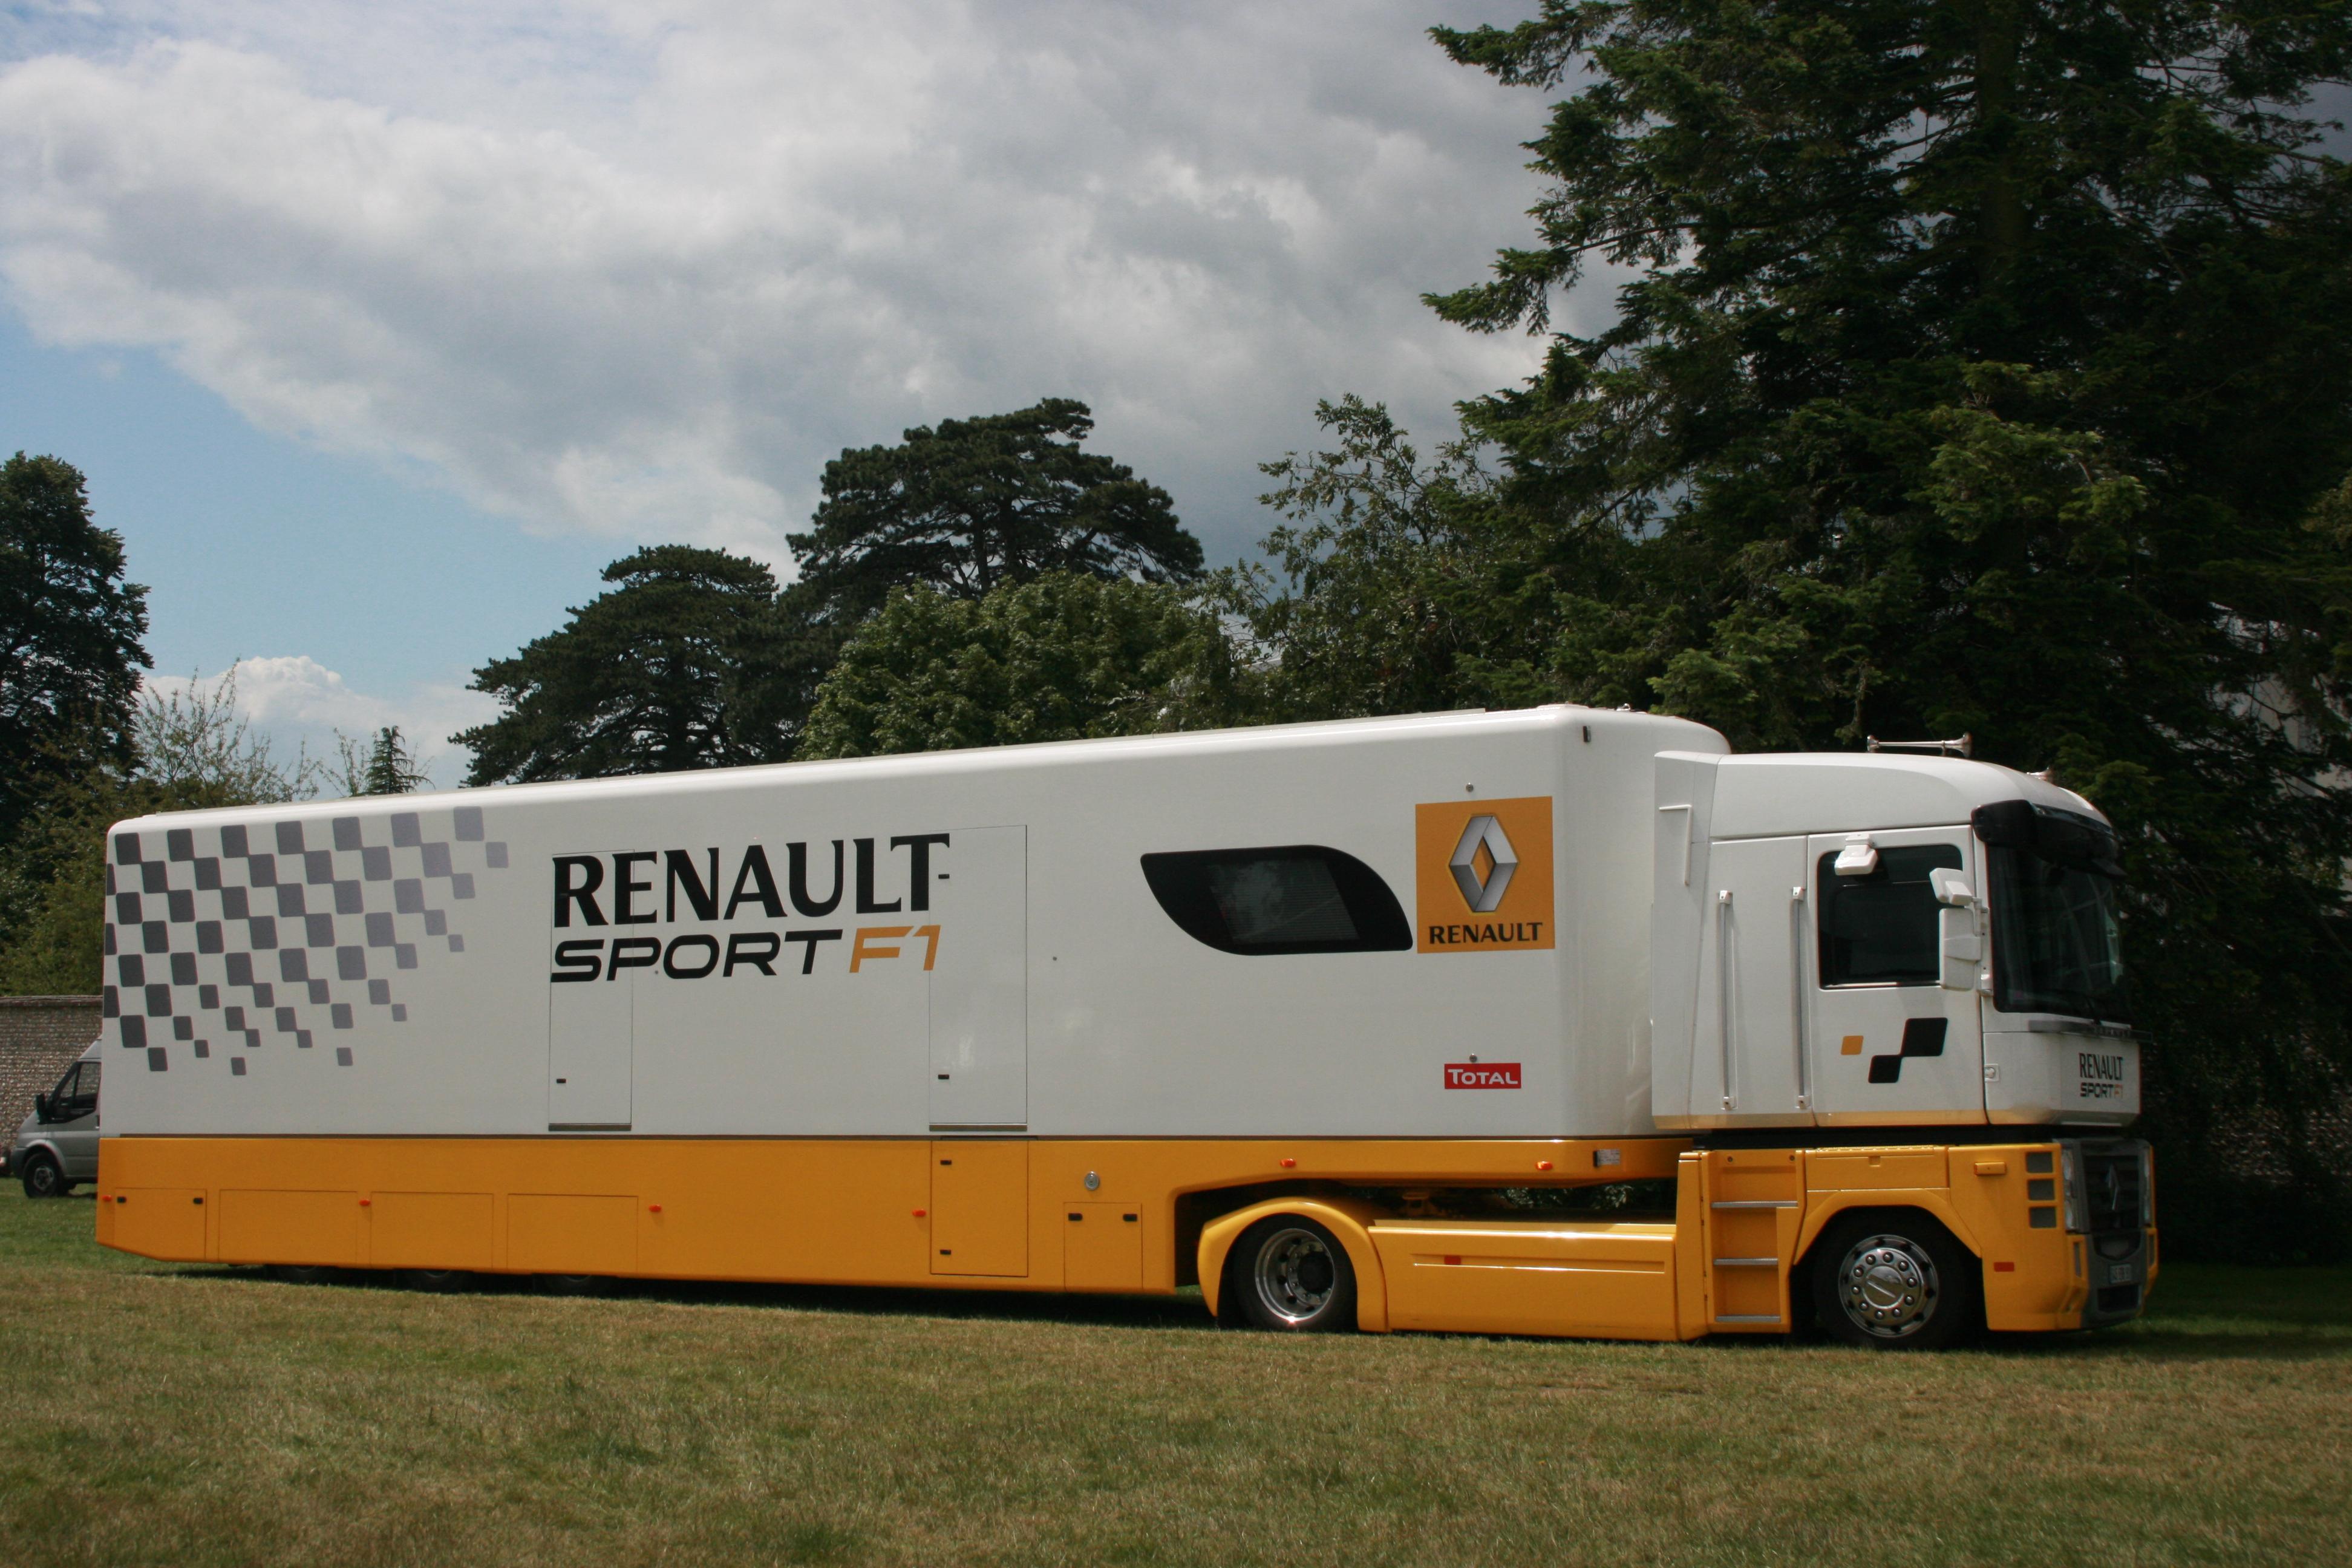 file renault sport f1 transporter flickr. Black Bedroom Furniture Sets. Home Design Ideas